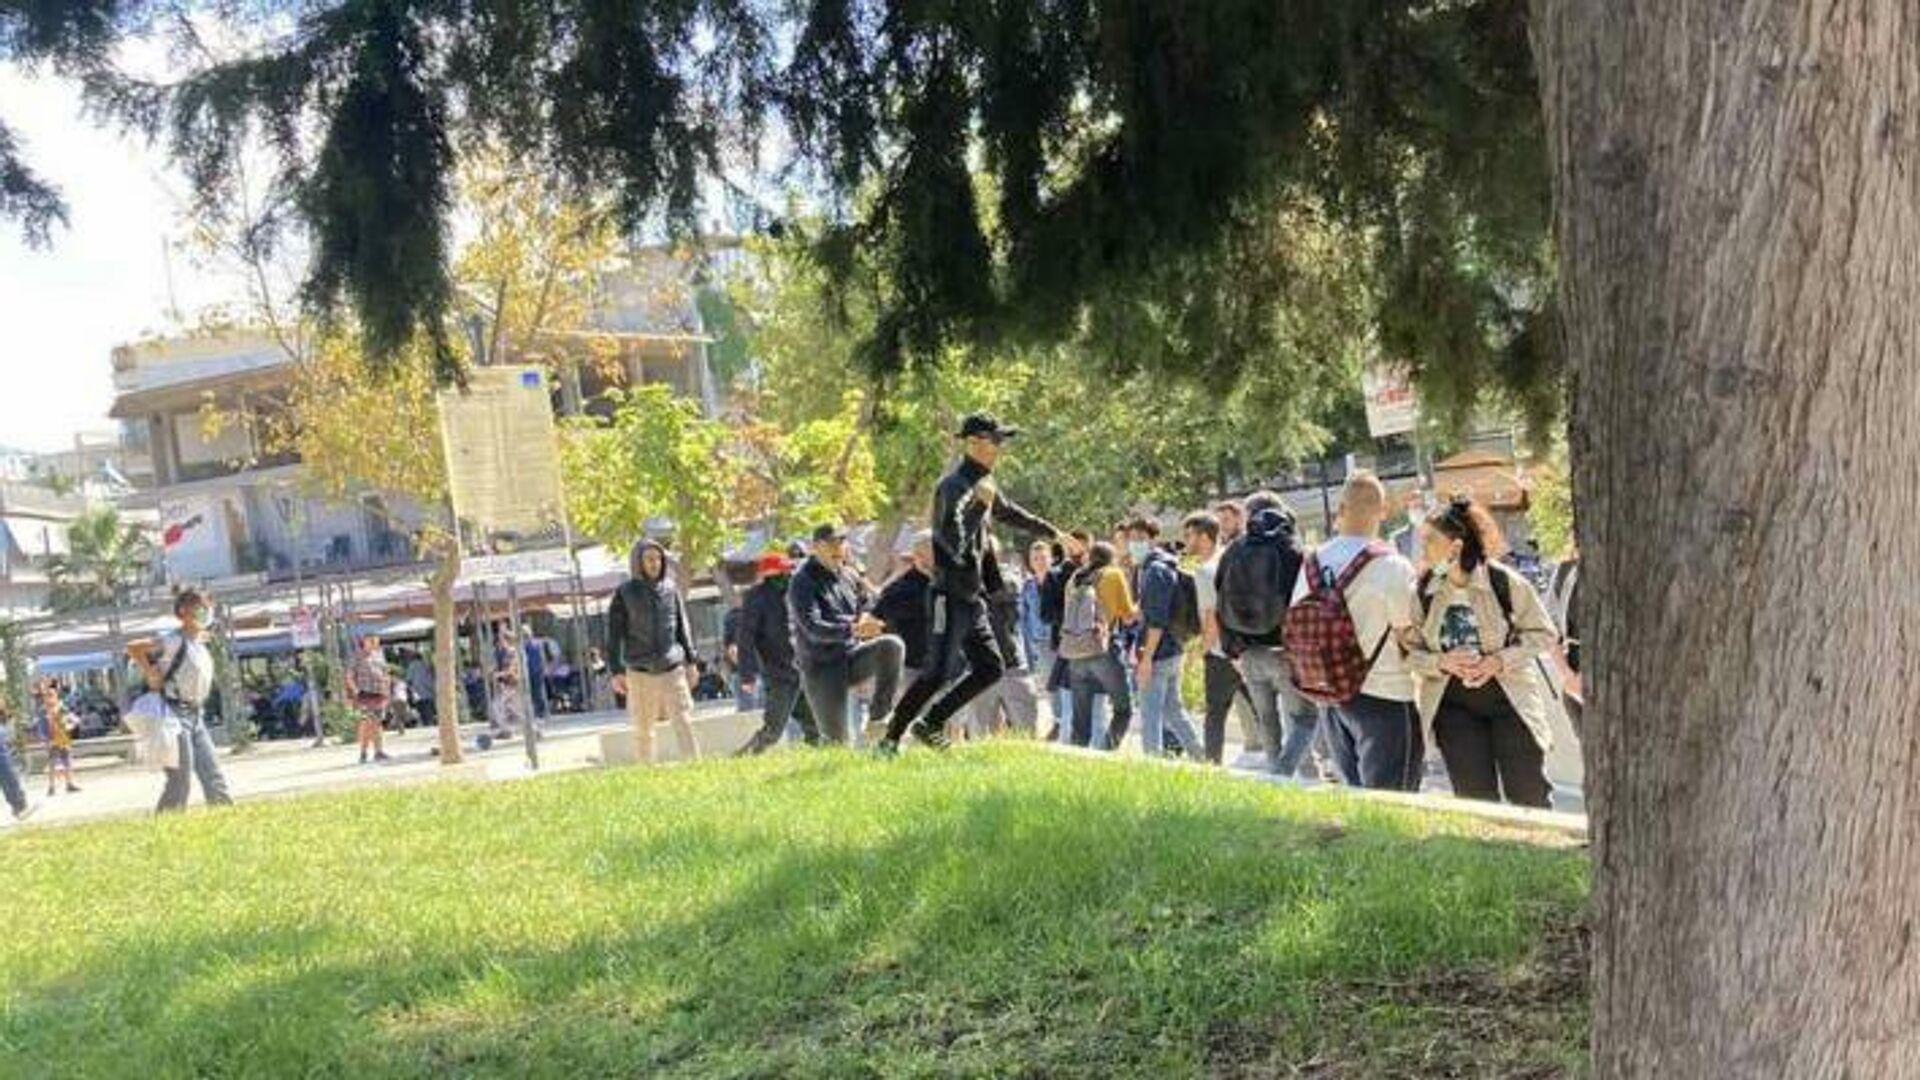 Η στιγμή που φασίστες επιτίθενται σε μέλη της ΚΝΕ στην Ηλιούπολη Θεσσαλονίκης - Sputnik Ελλάδα, 1920, 04.10.2021